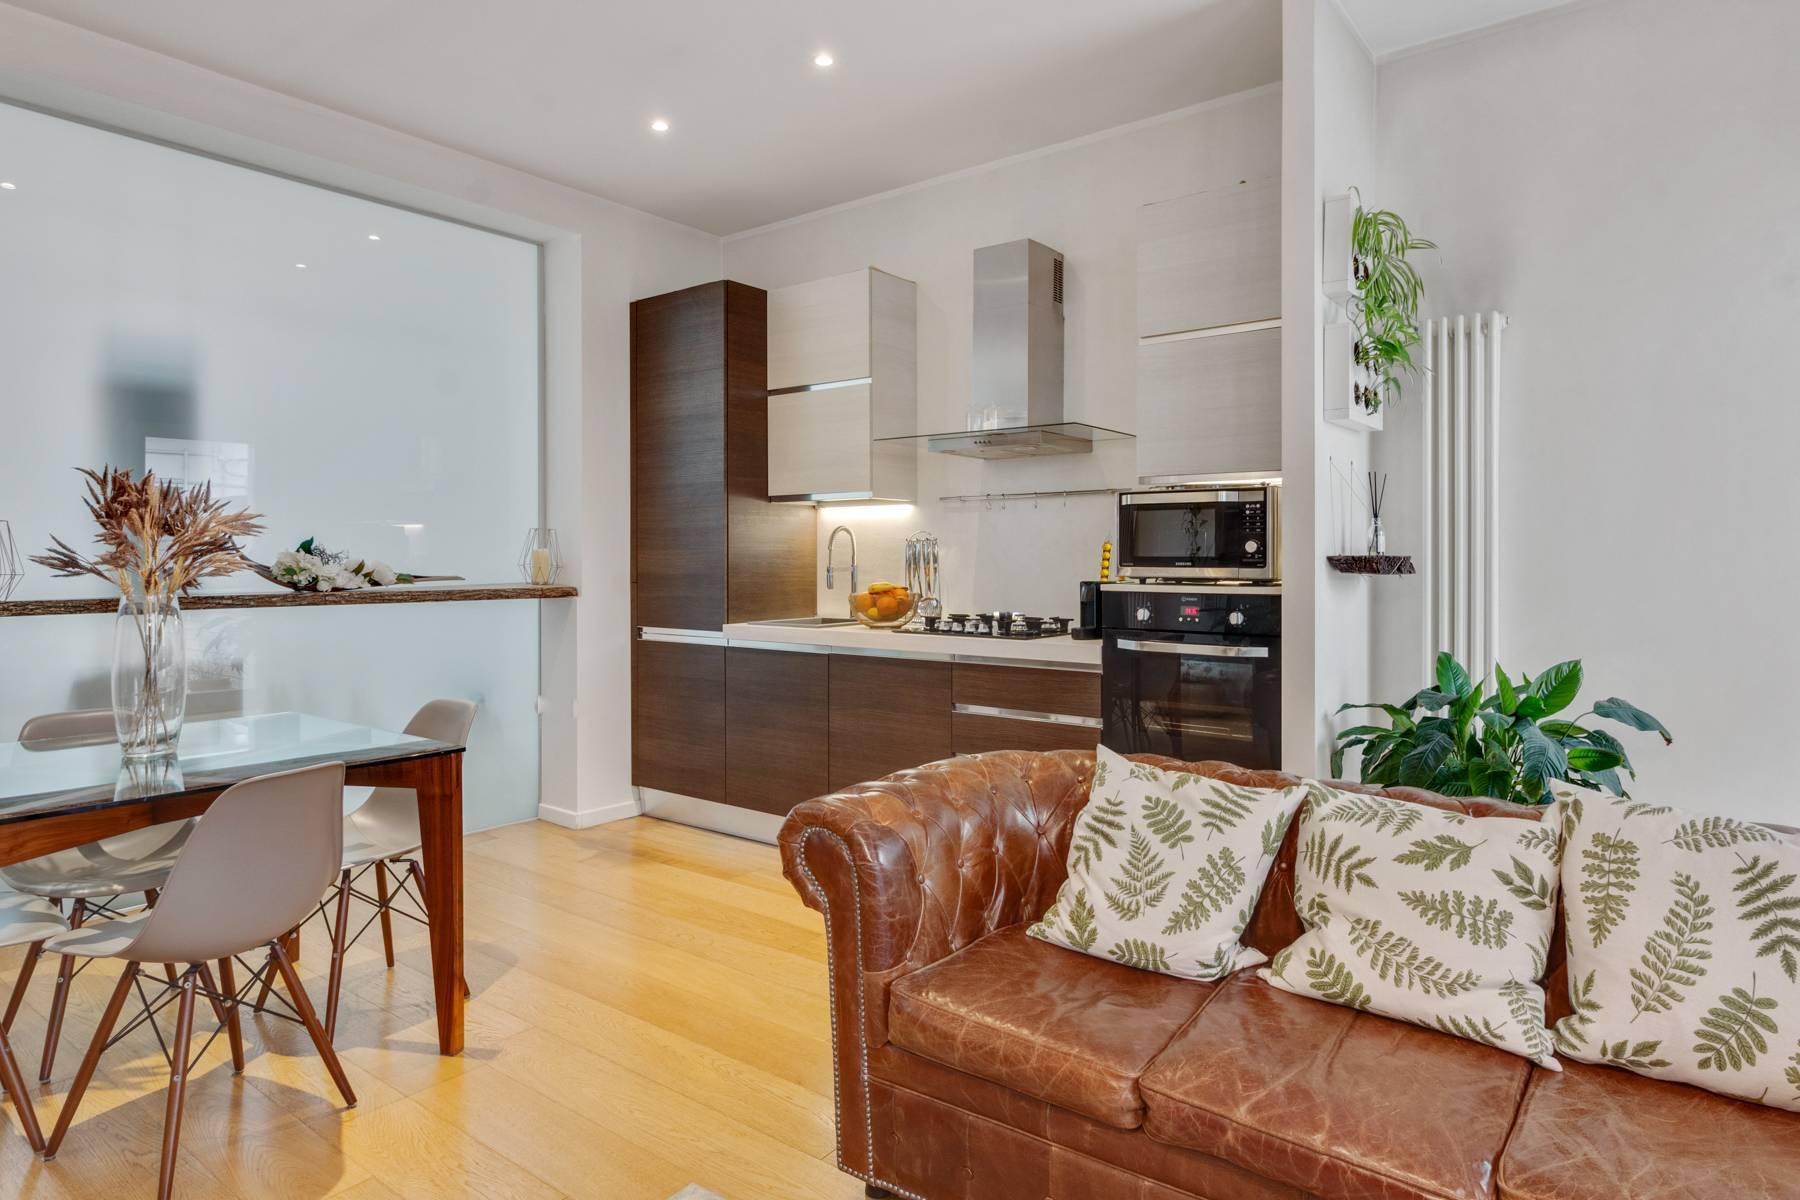 Appartamento in Vendita a Torino: 3 locali, 70 mq - Foto 3